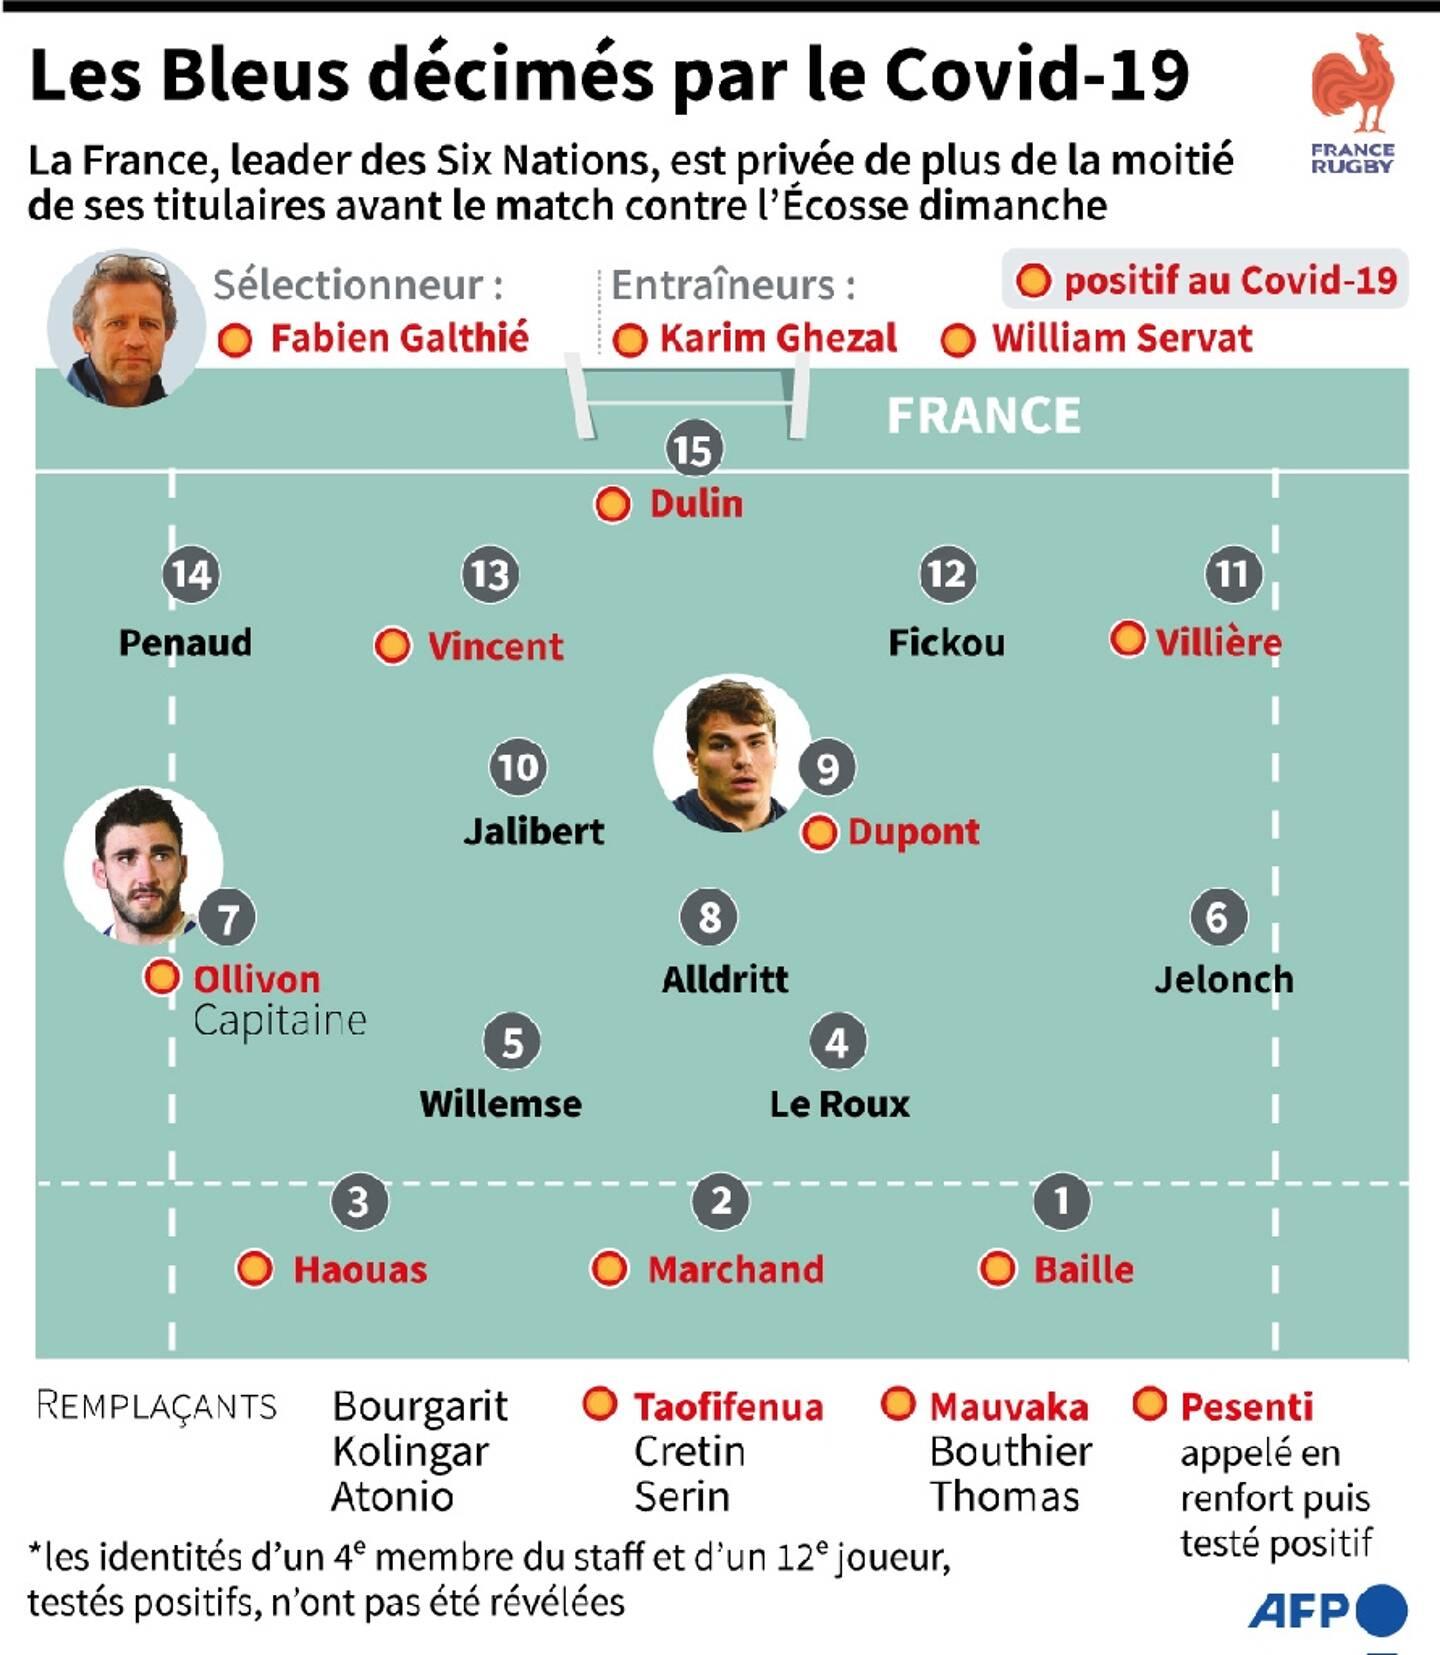 Graphique montrant les joueurs et membres du staff de l'équipe de France de rugby, leader des Six Nations, testés positifs au Covid-19, avant le match contre l'Ecosse dimanche